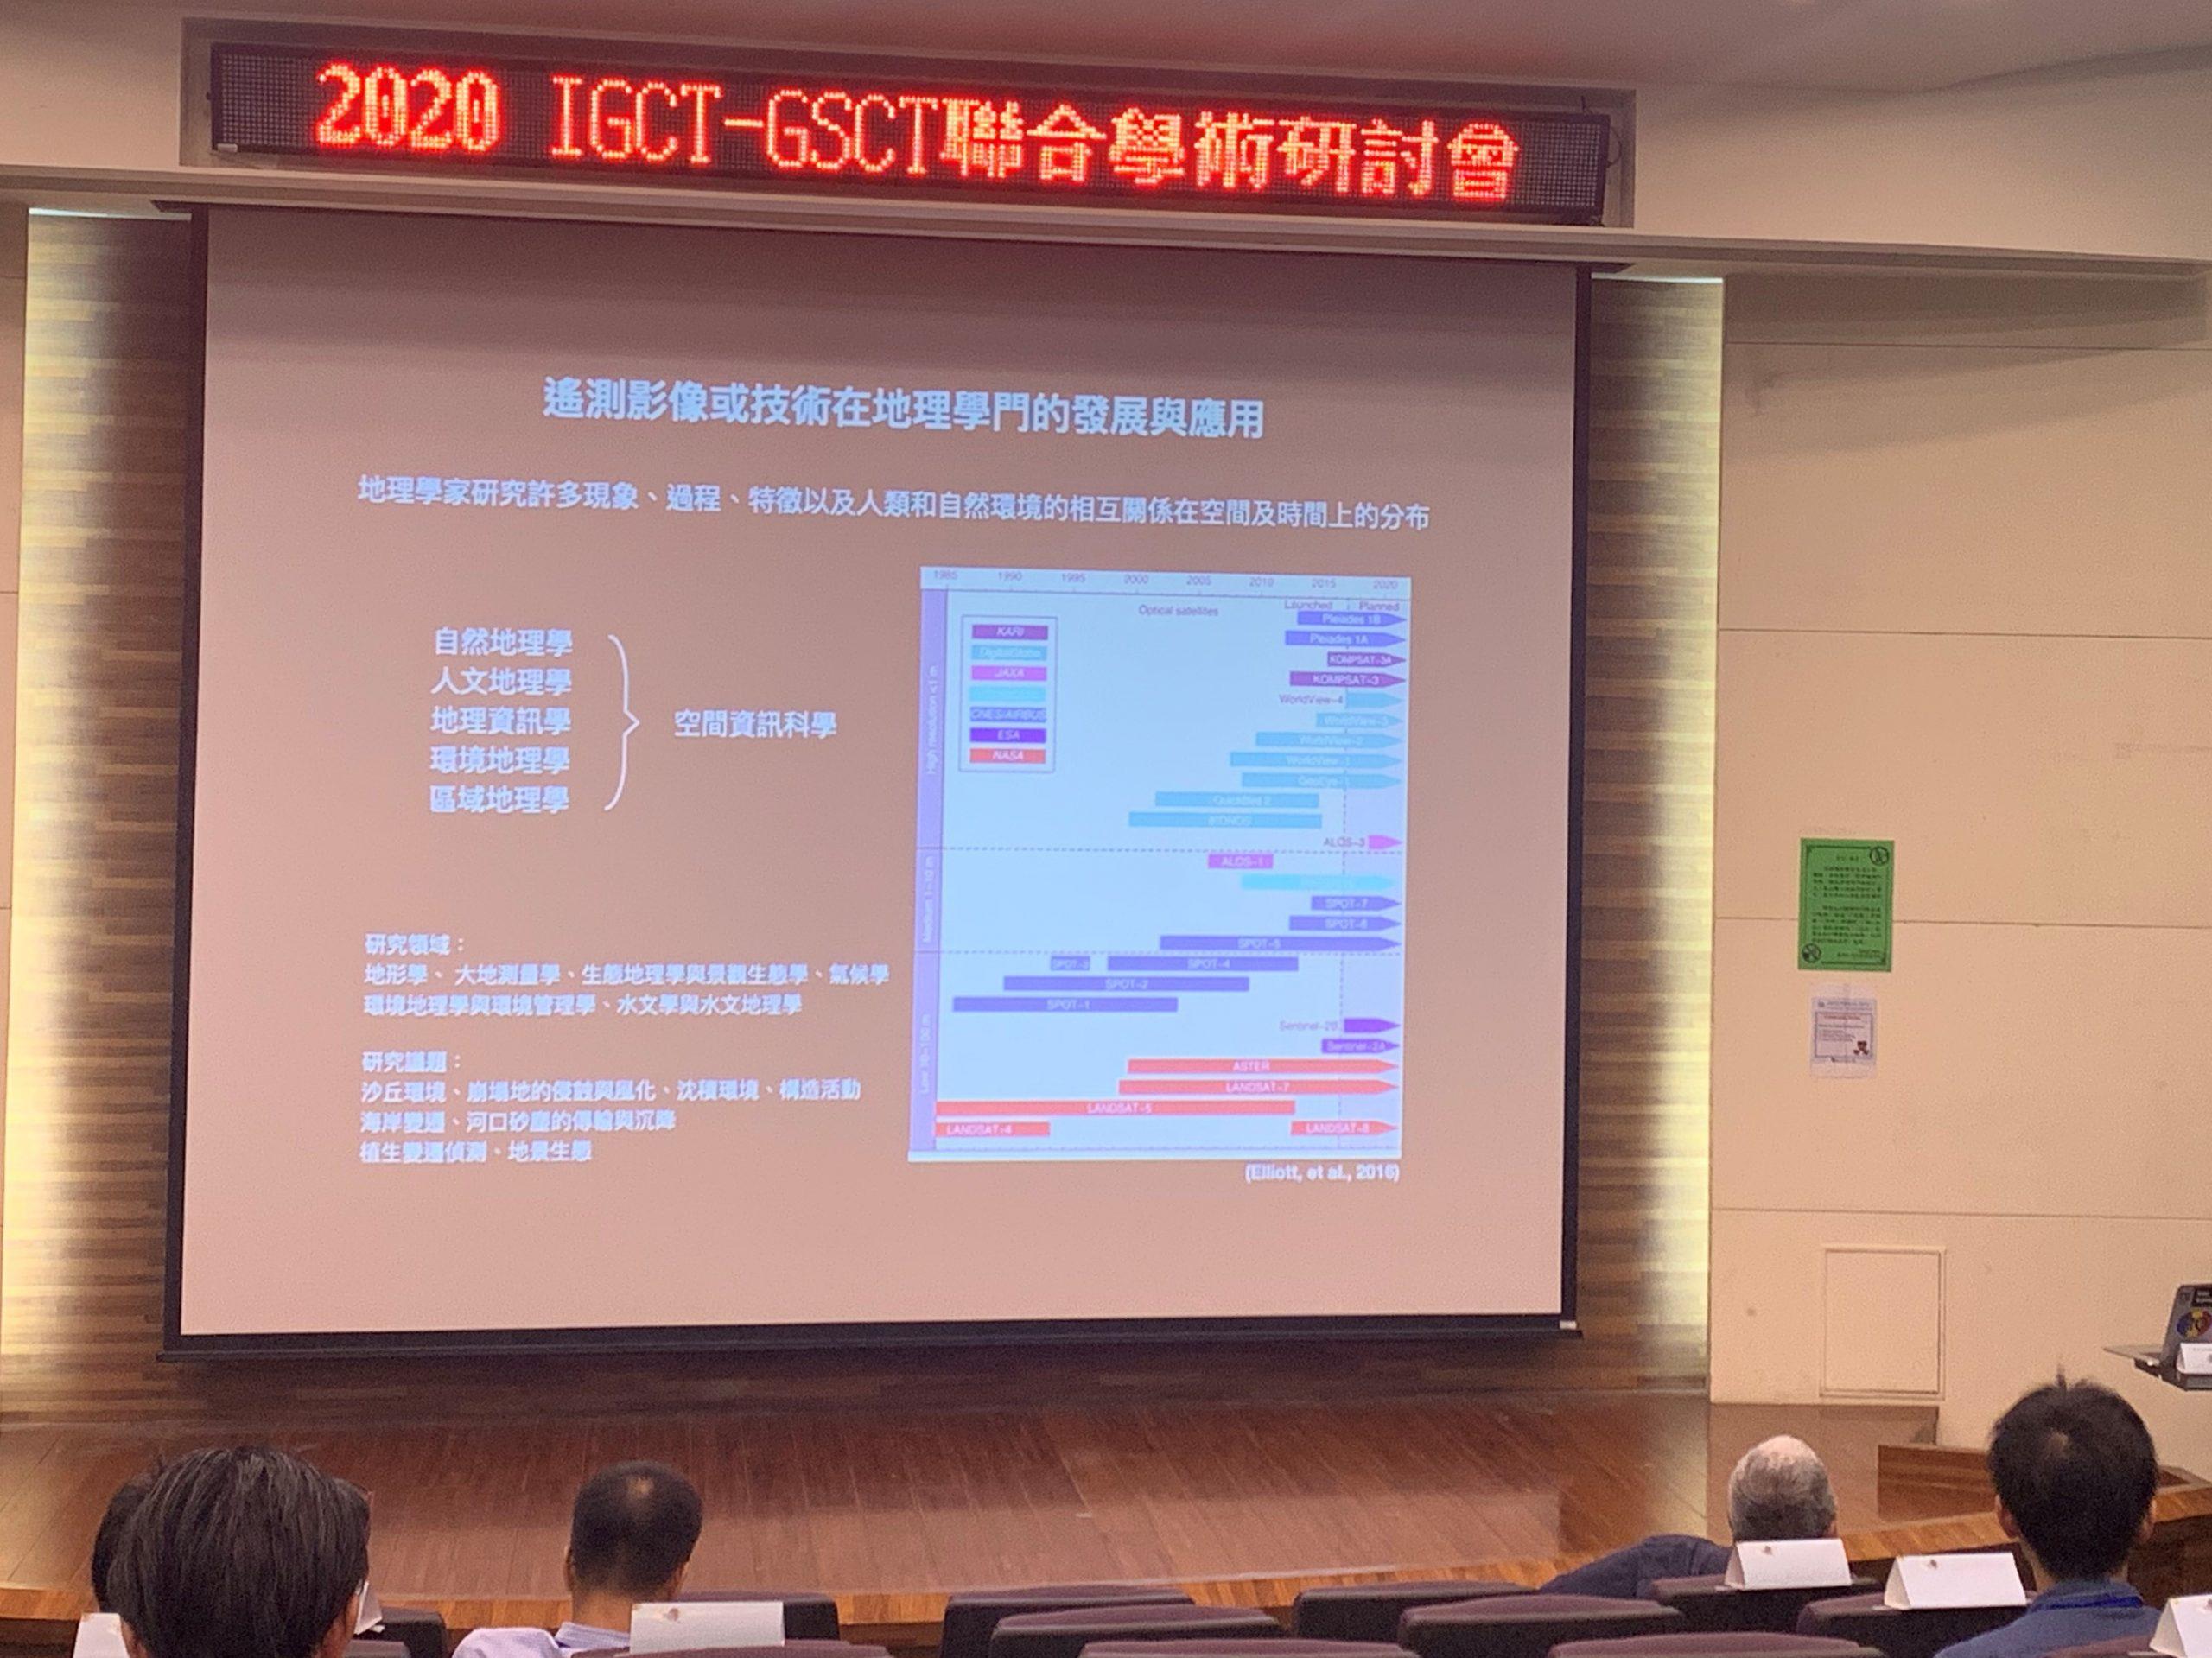 雷達衛星在未來國土監測的角色與發展/陳盈璇、歐德昱、莊昀叡